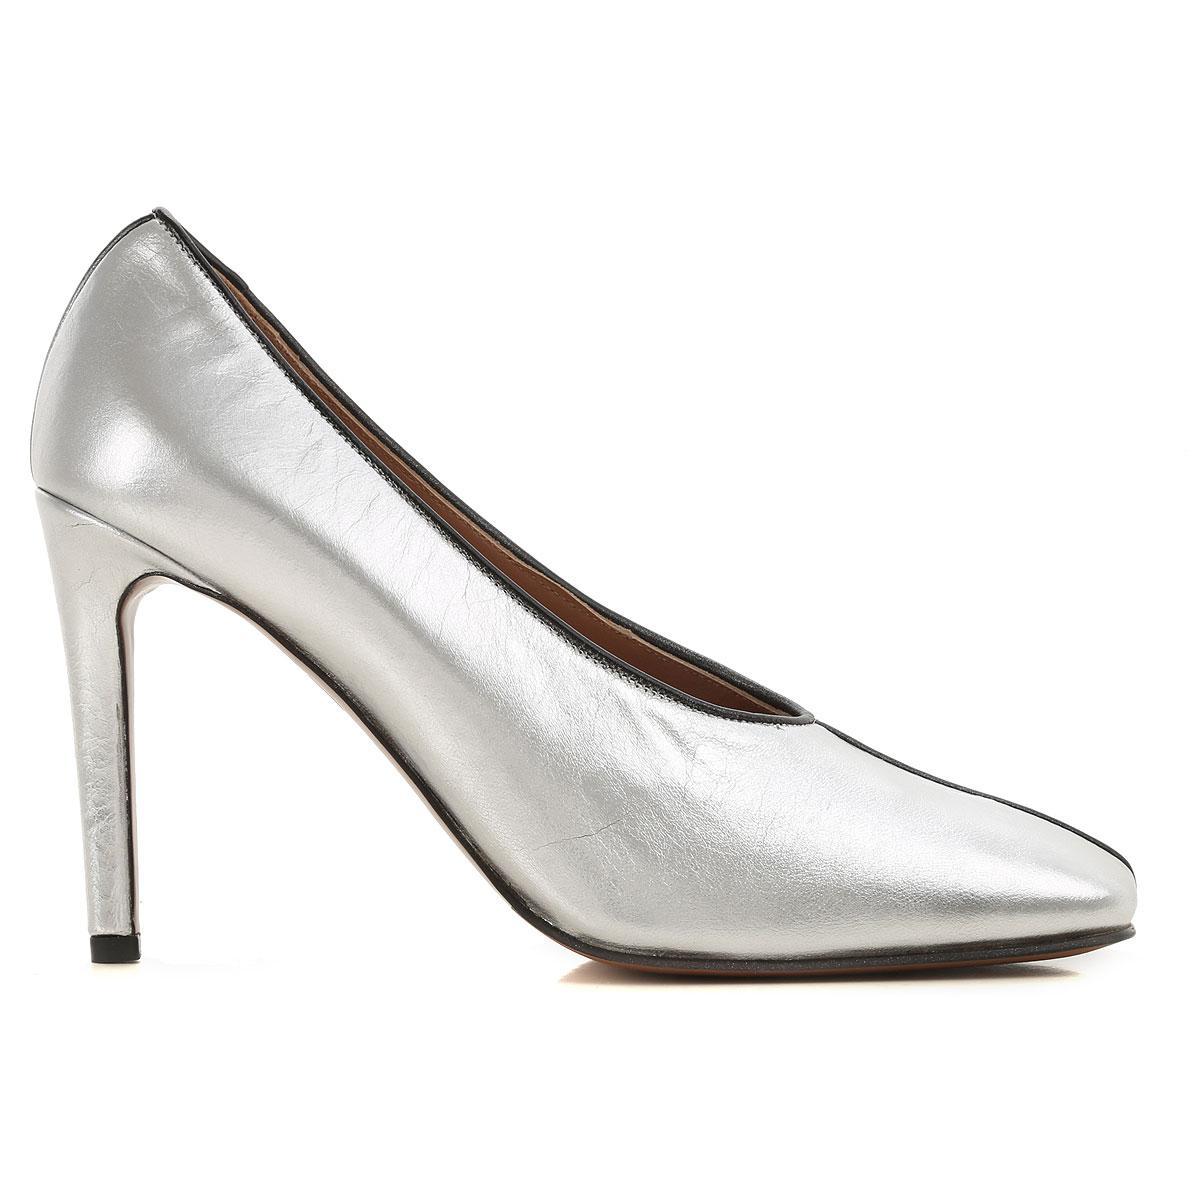 b05ac3c5d179f9 L Autre Chose Shoes For Women - Lyst